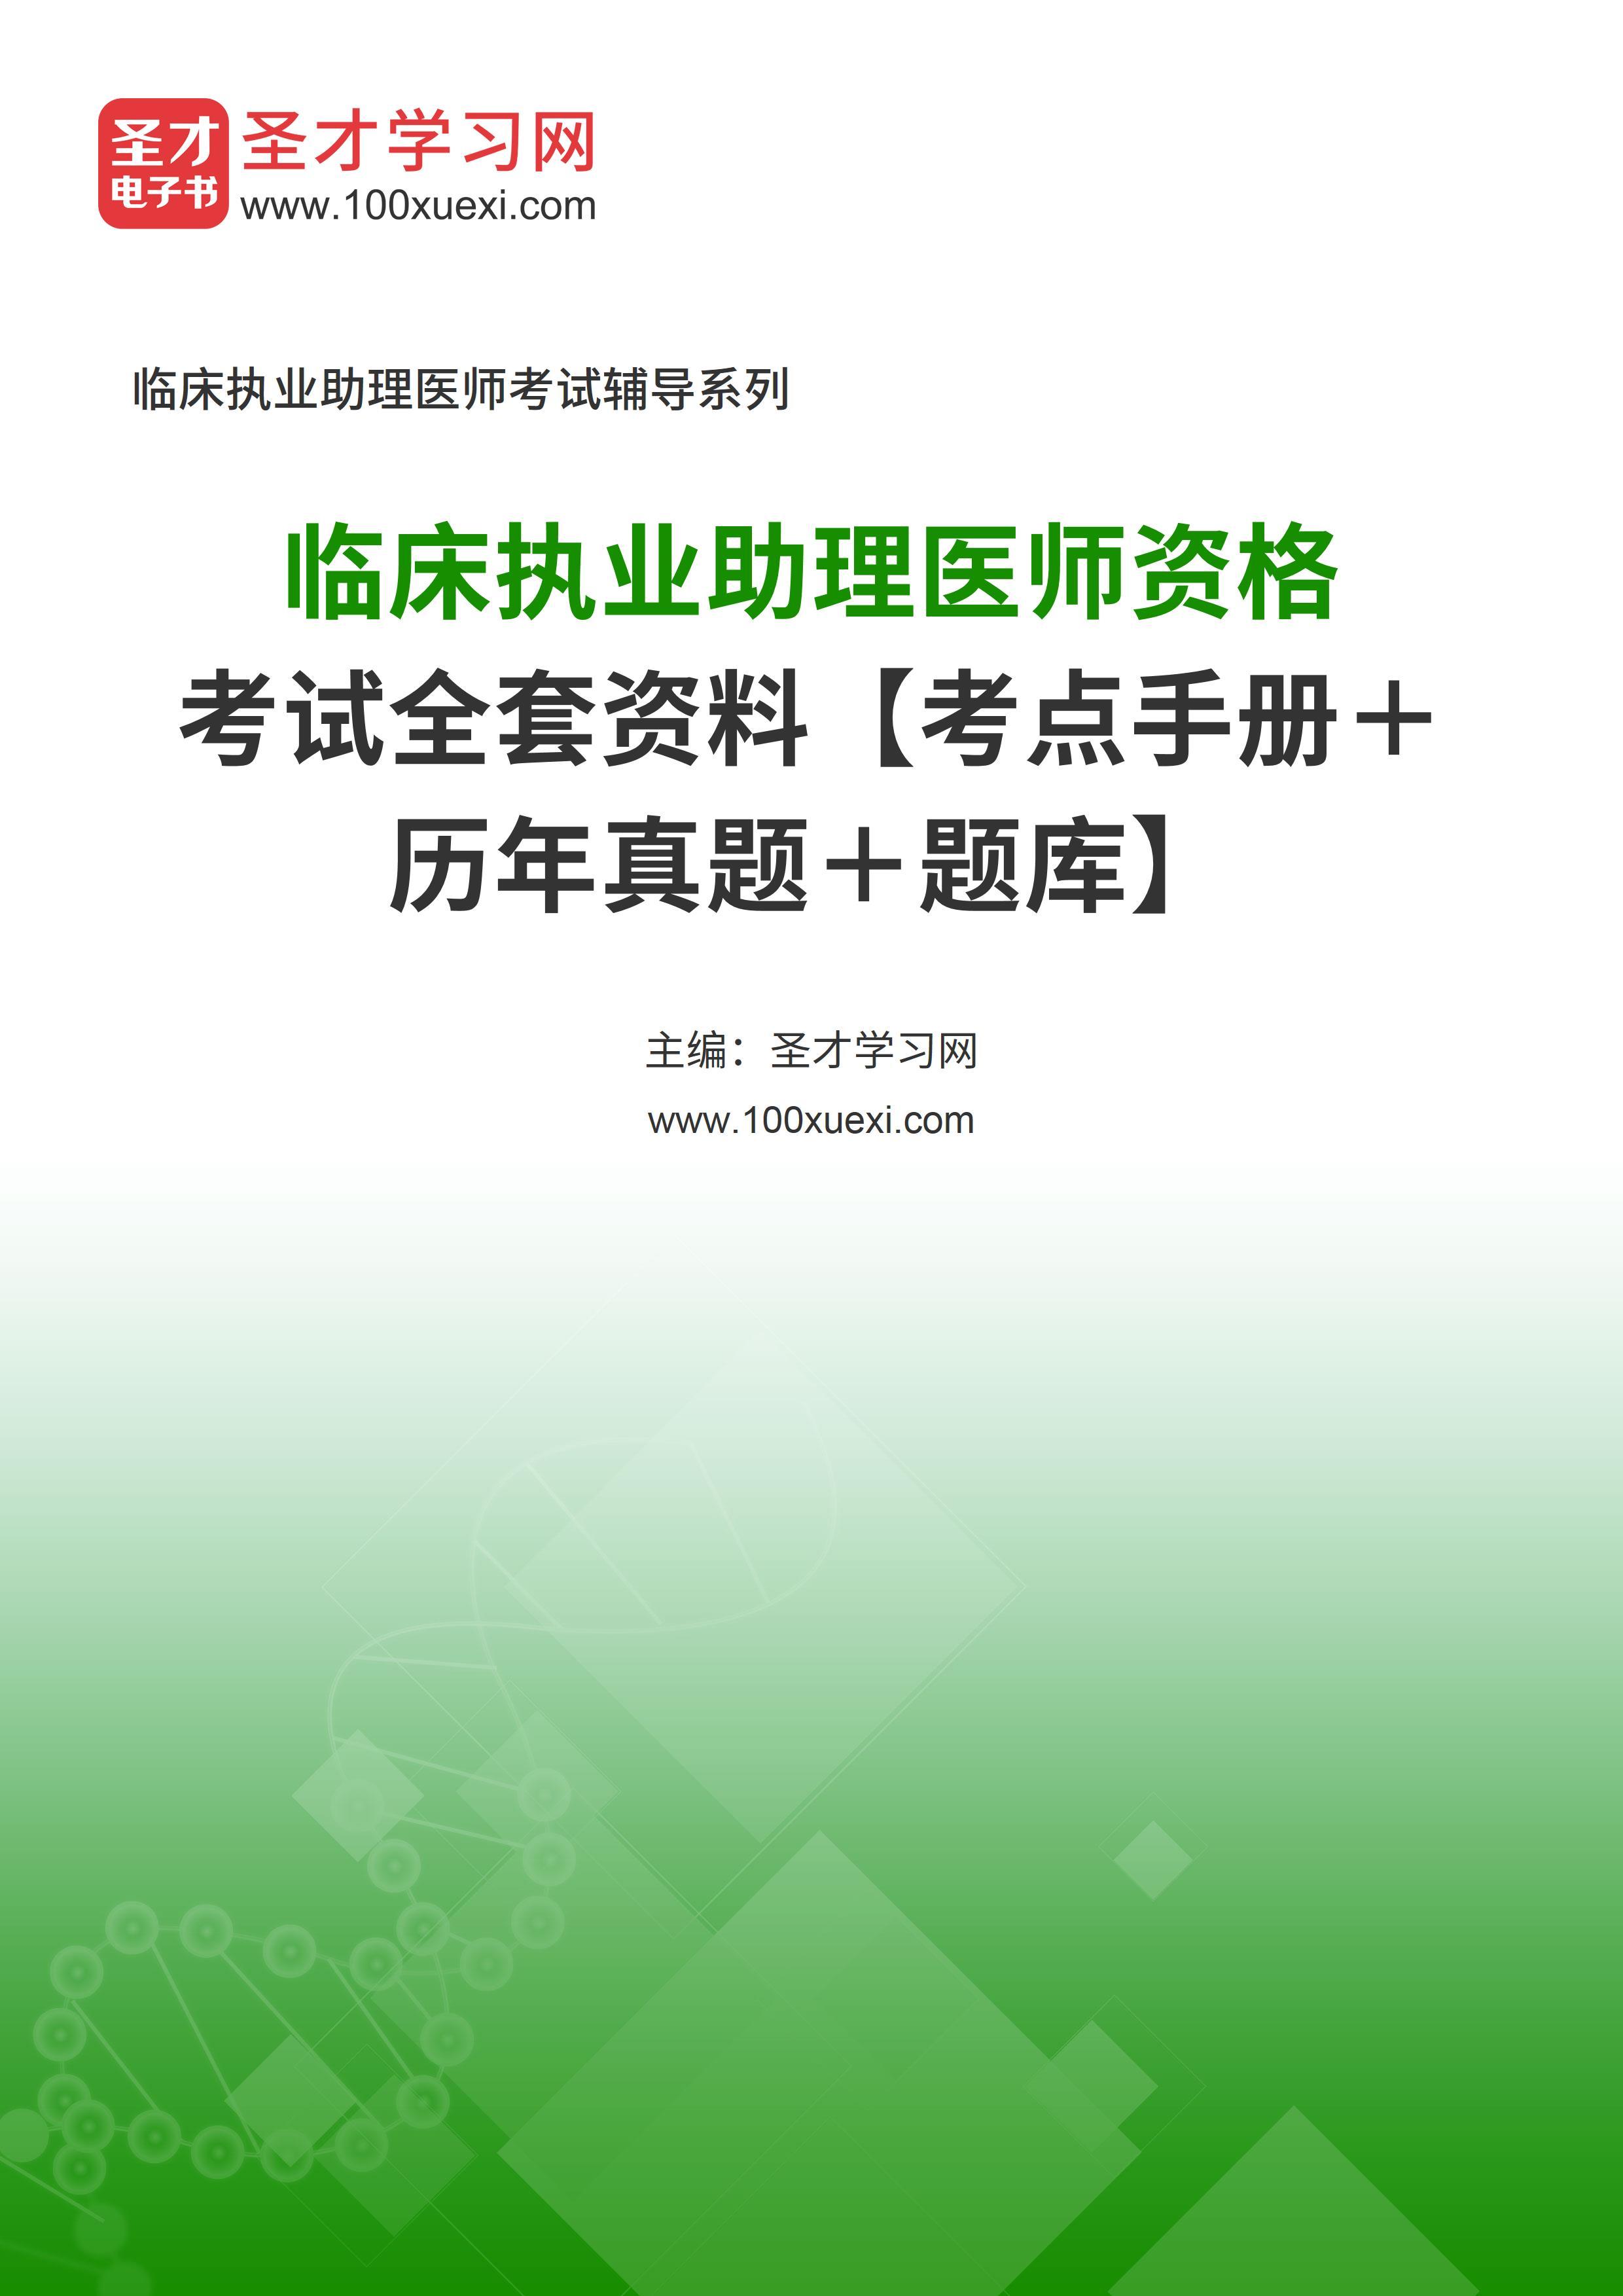 2022年临床执业助理医师资格考试全套资料【考点手册+历年真题+题库】